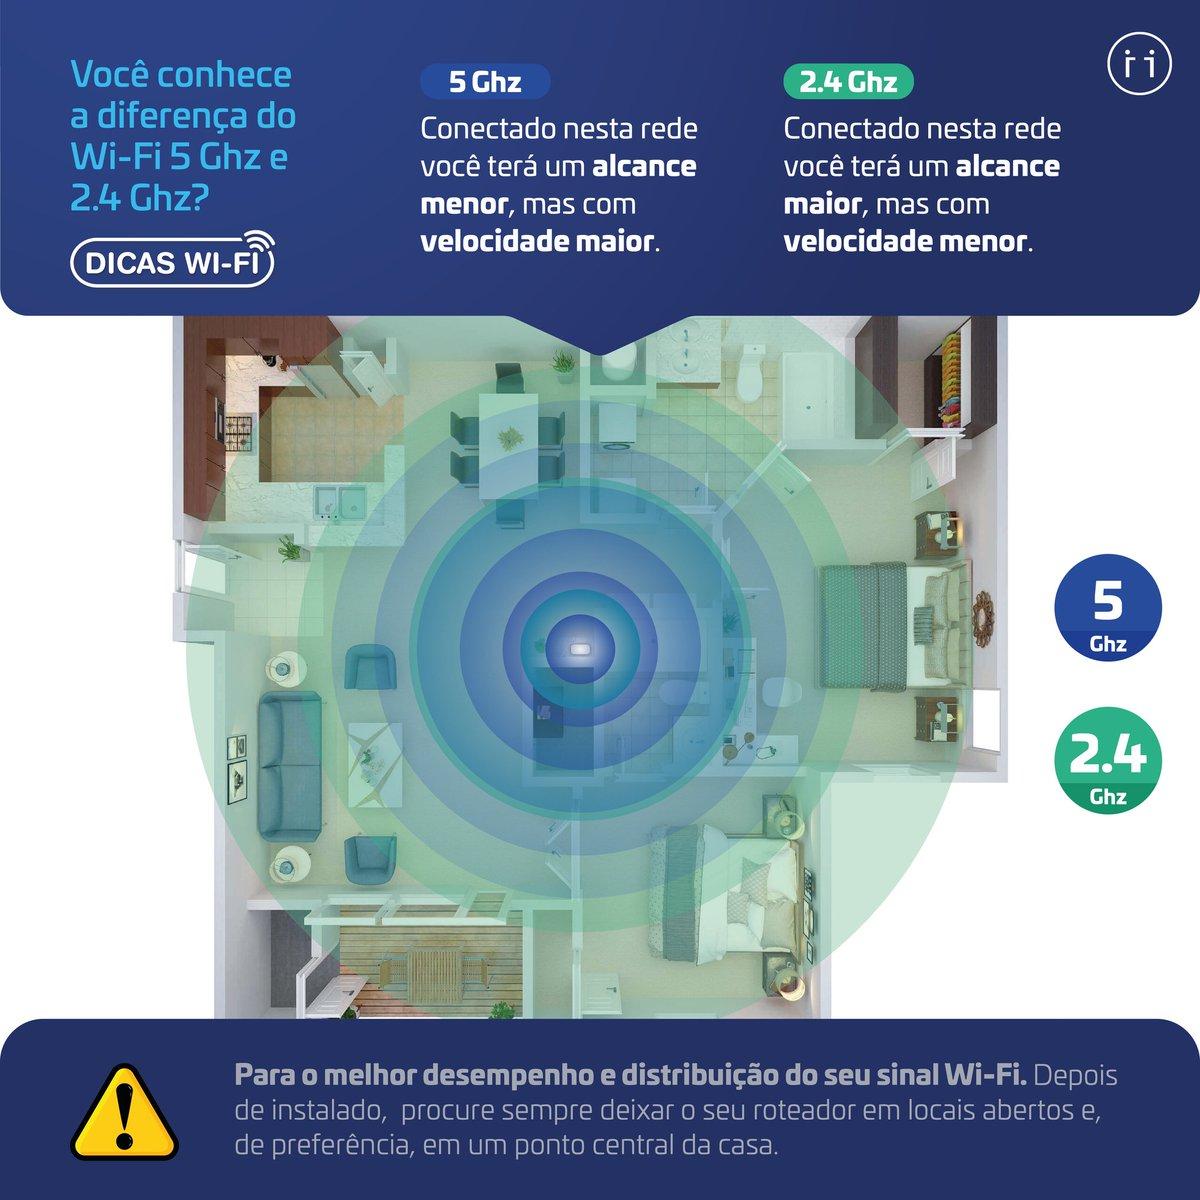 Como está o seu Wifi? 🤔 Nós levantamos 6️⃣ dicas para melhorar o desempenho. Hoje, vamos entender as duas frequências de transmissão. Sendo a 5.0Ghz e 2.4Ghz. Confira 👉🏽 https://t.co/WwloDskAo4  #Unifique #Internet #Wifi #Roteador #Alcance #Melhorias #Dicas #Sinal #Conexão https://t.co/62k329BD3N